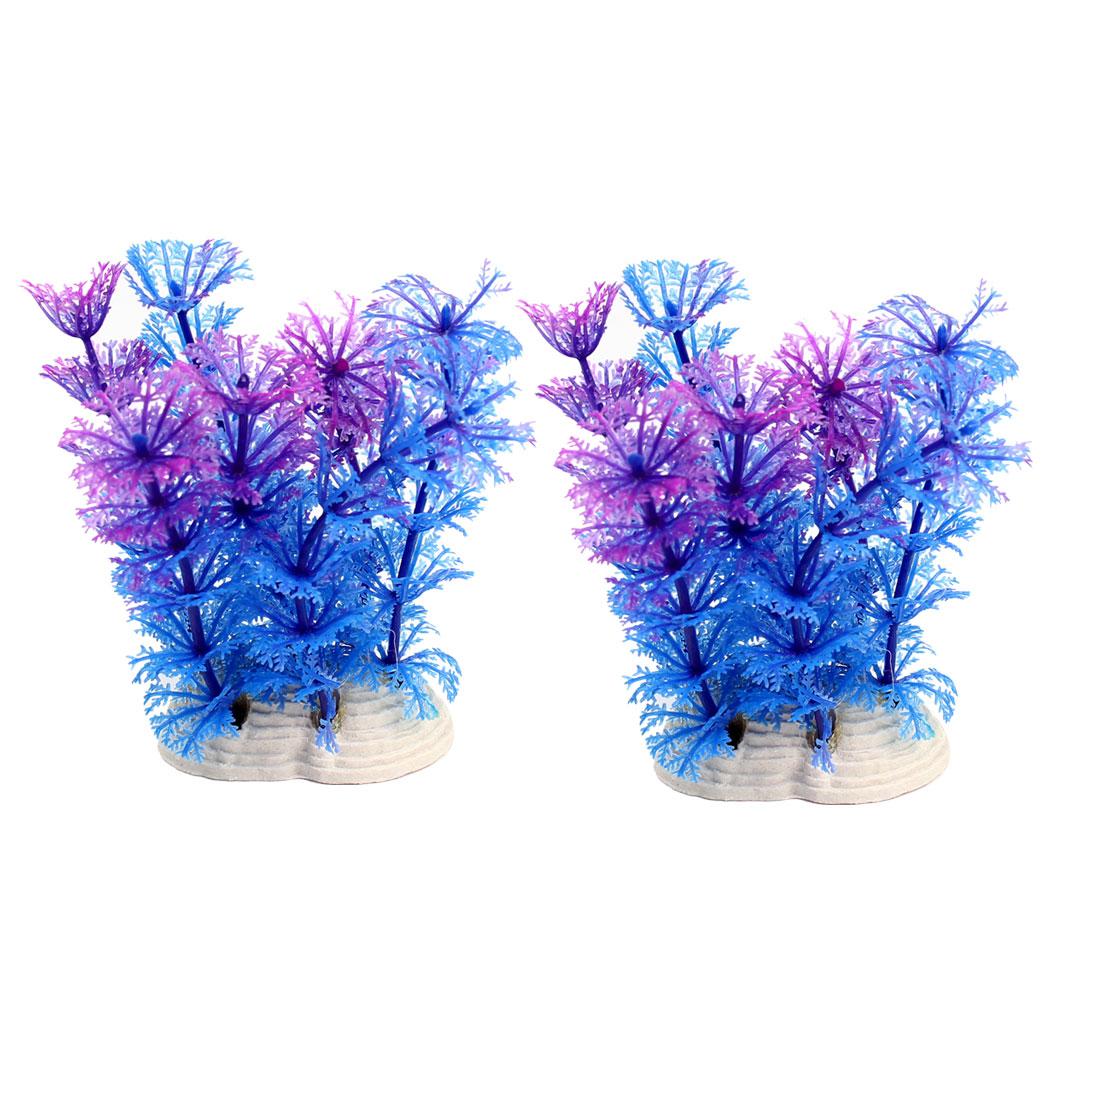 Aquarium Fishtank Decor Ceramic Base Purple Blue Underwater Plant 12cm 2Pcs